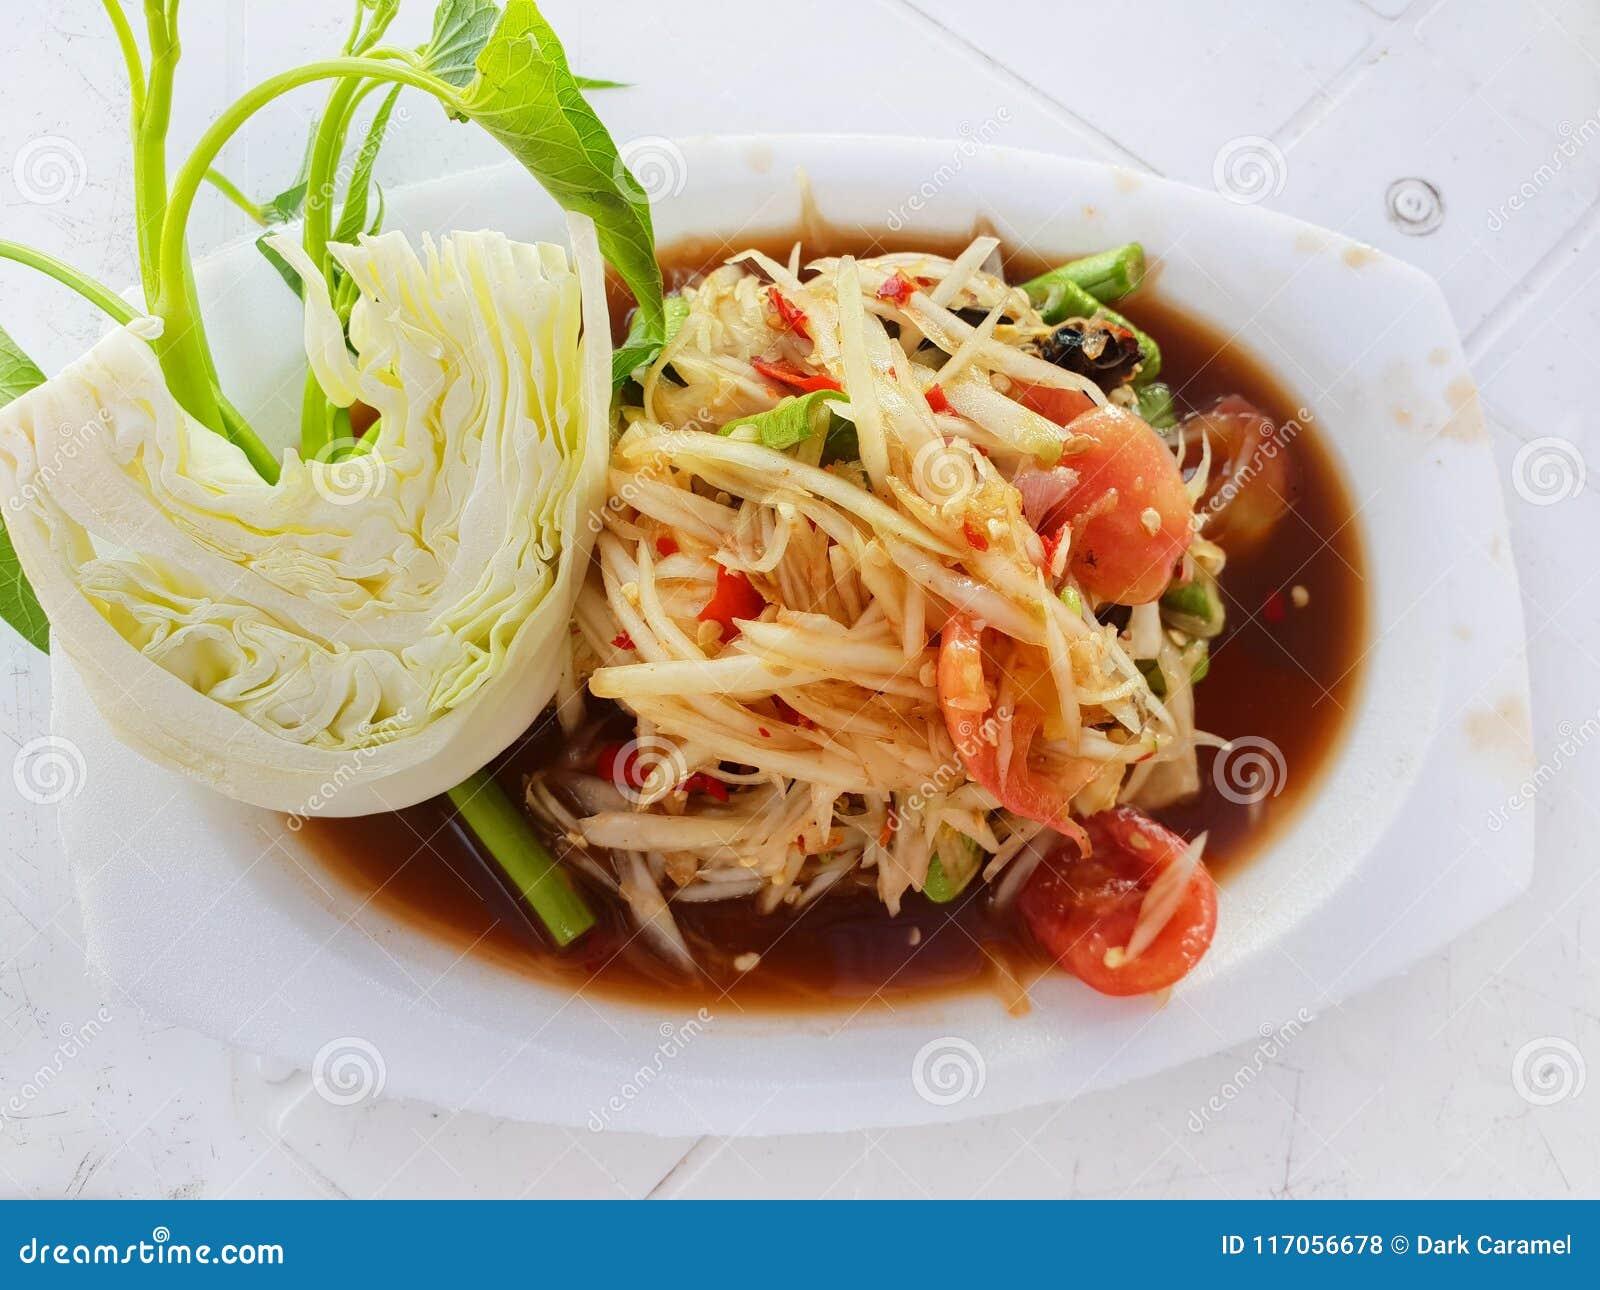 Thaise voedselstijl, Papajasalade met tomaat, garnalen, Spaanse peper, boon, ochtendglorie en kool op witte plaat